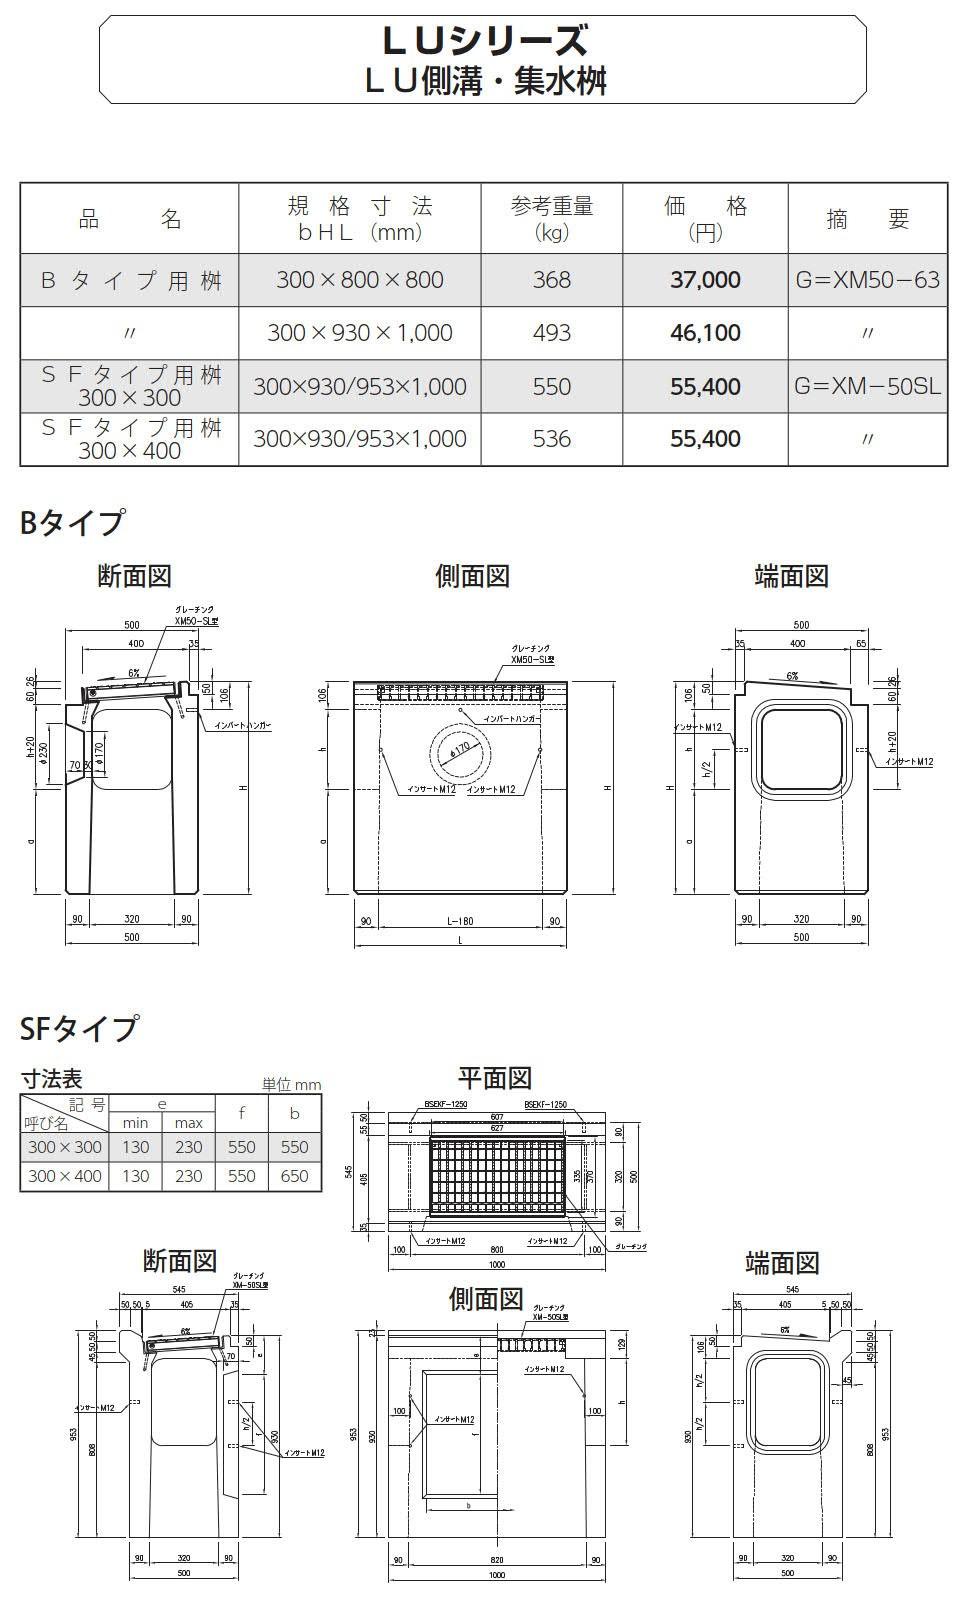 オリジナル側溝|LUシリーズ 集水桝、宅内雨水排水セット 外形寸法 0